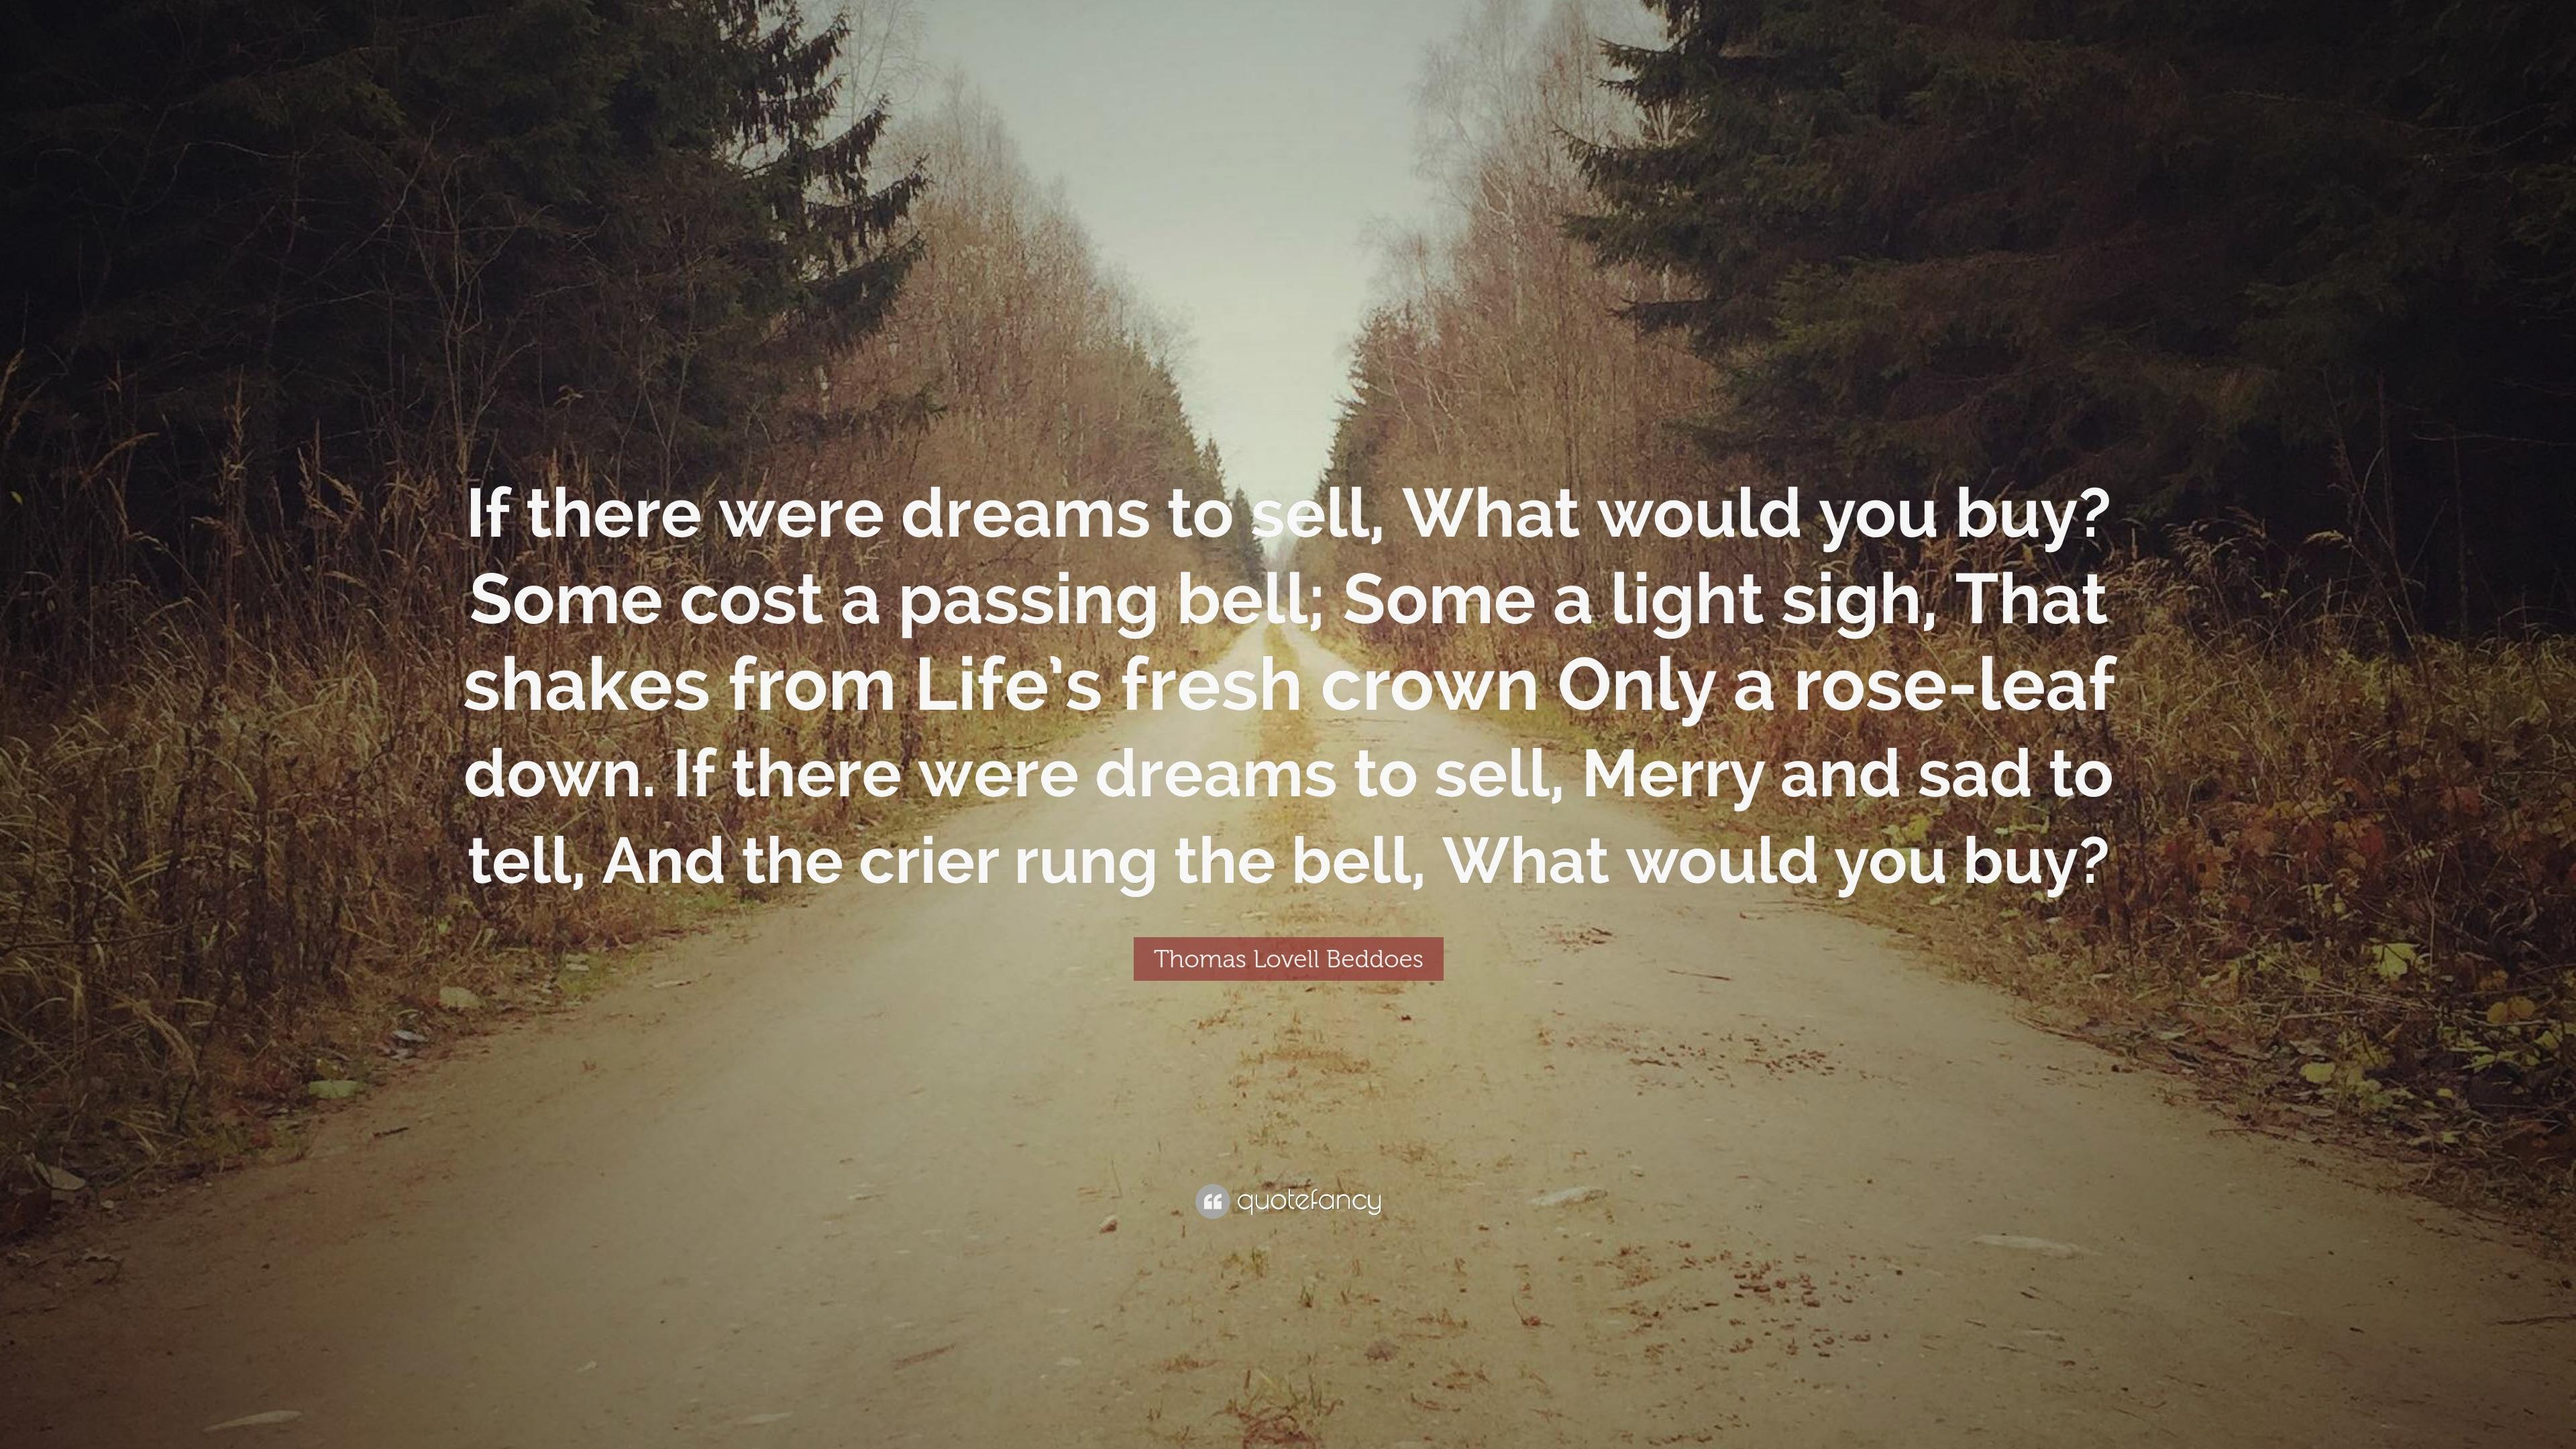 dream pedlary poem summary